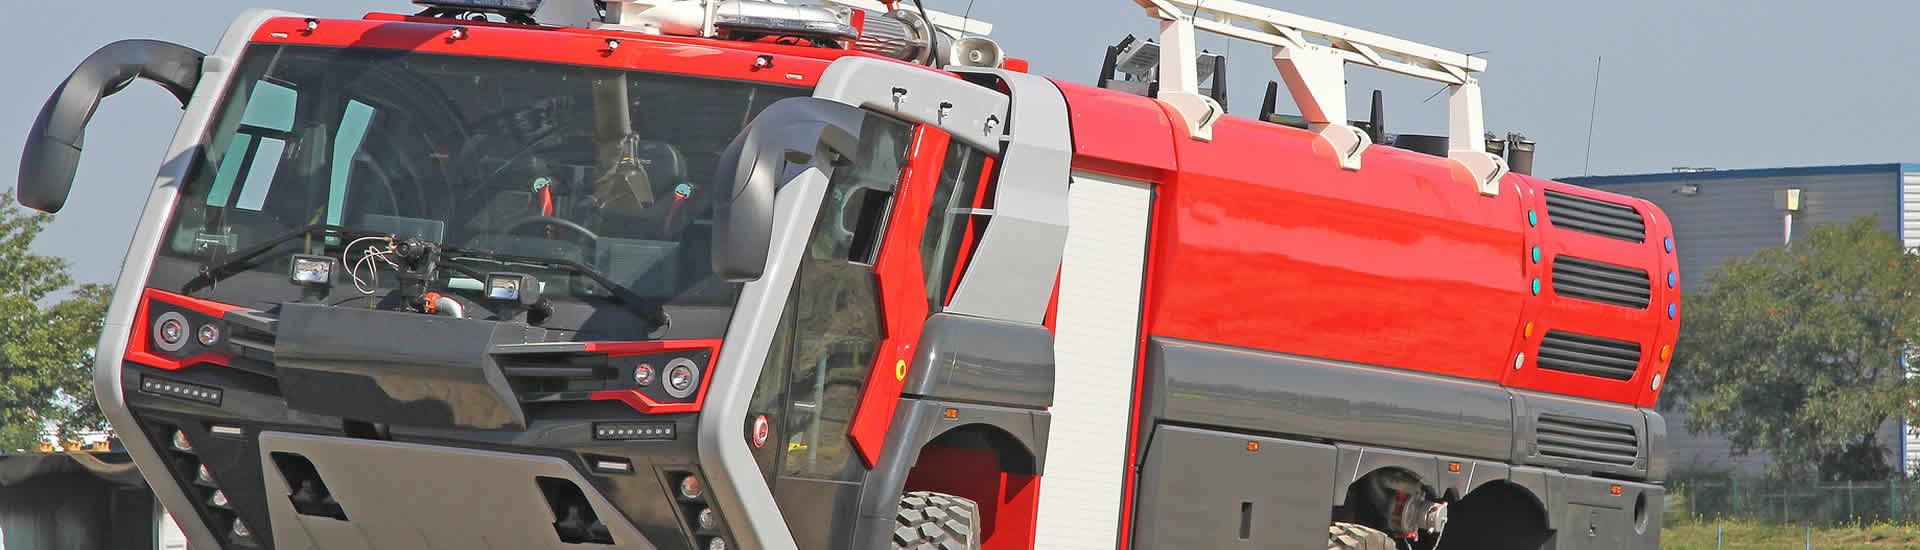 Sonderfahrzeug Feuerwehr